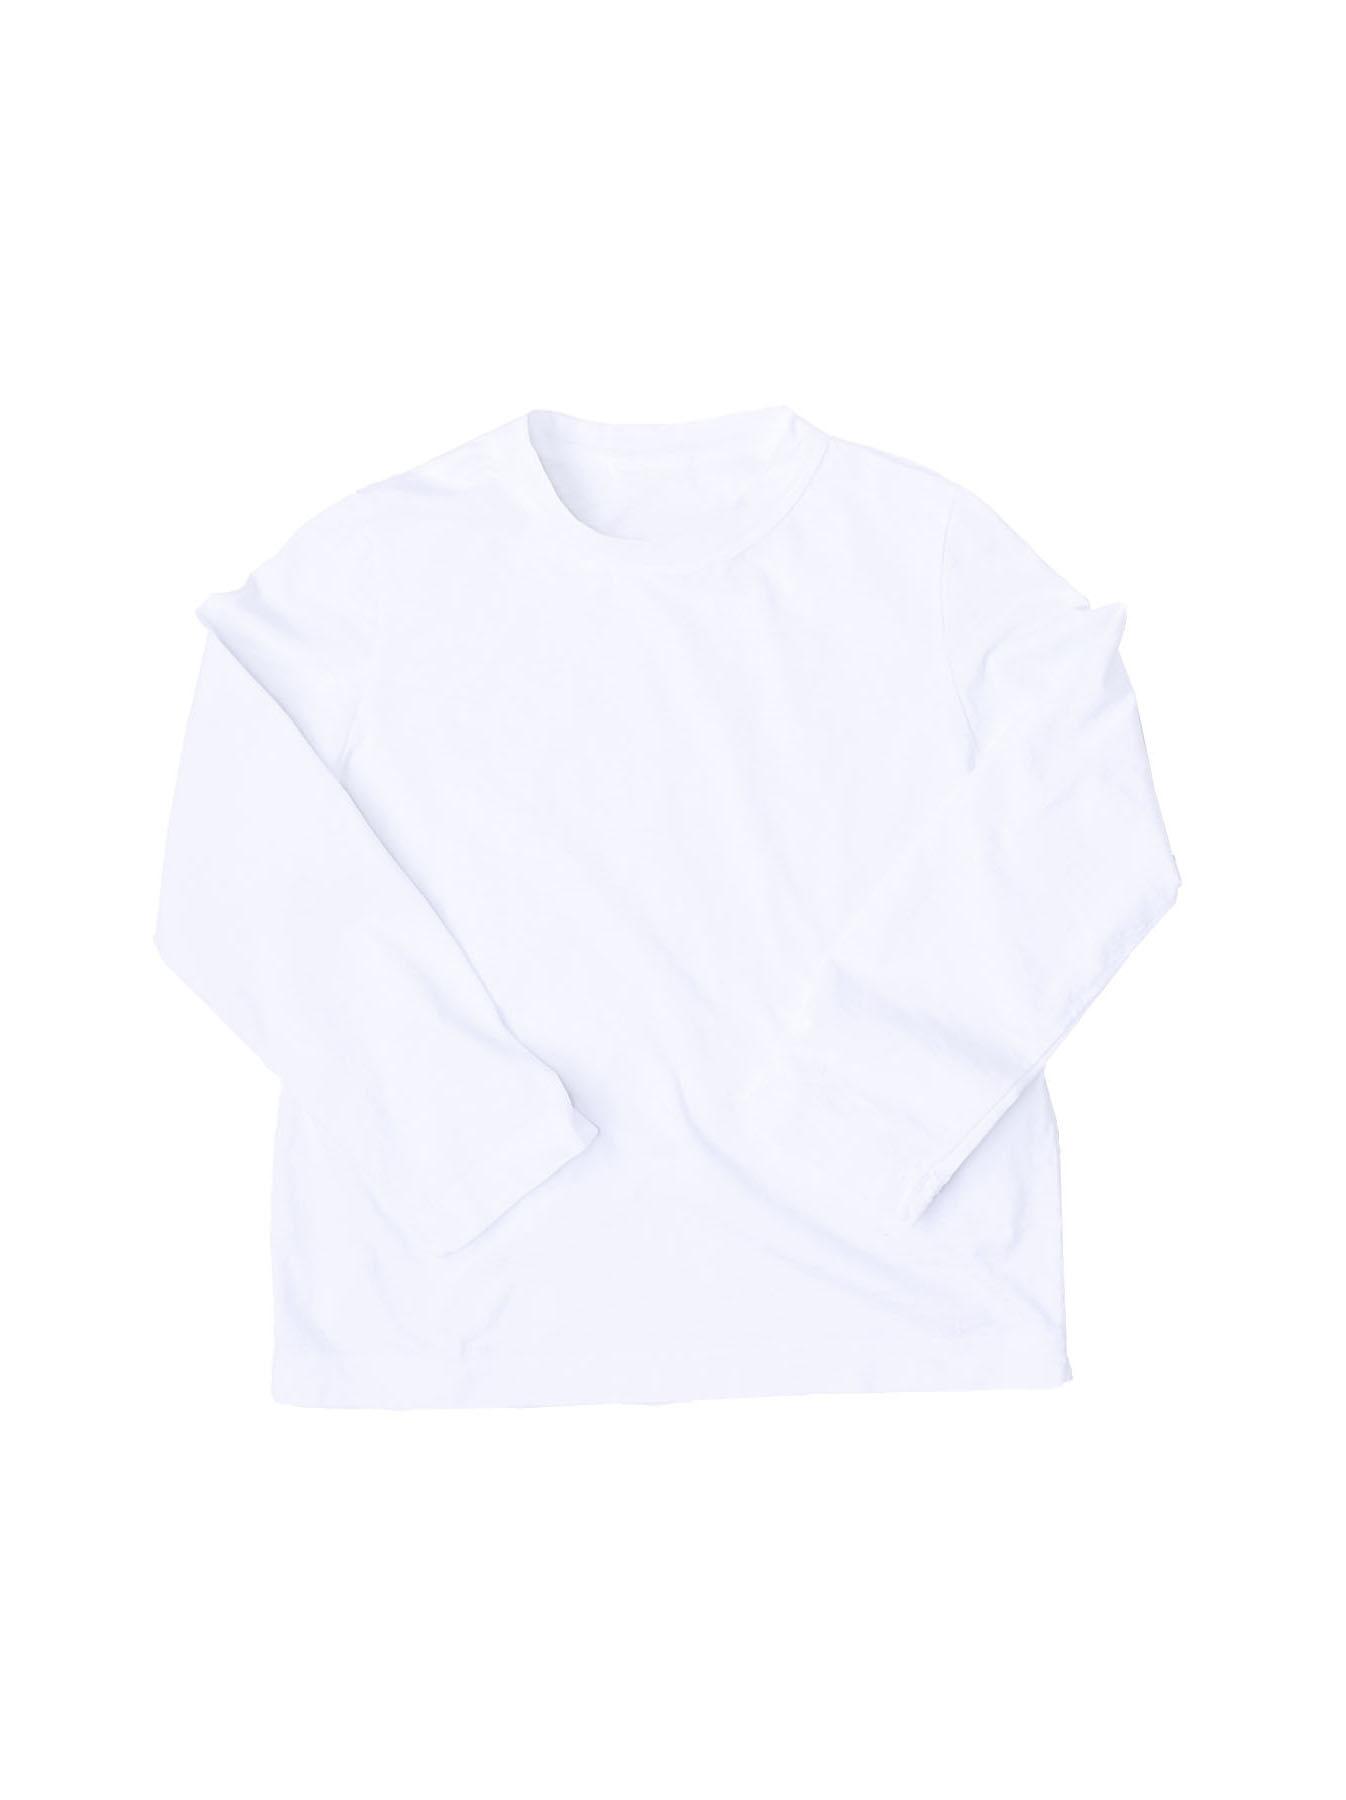 Zimbabwe Cotton Square T-shirt-2